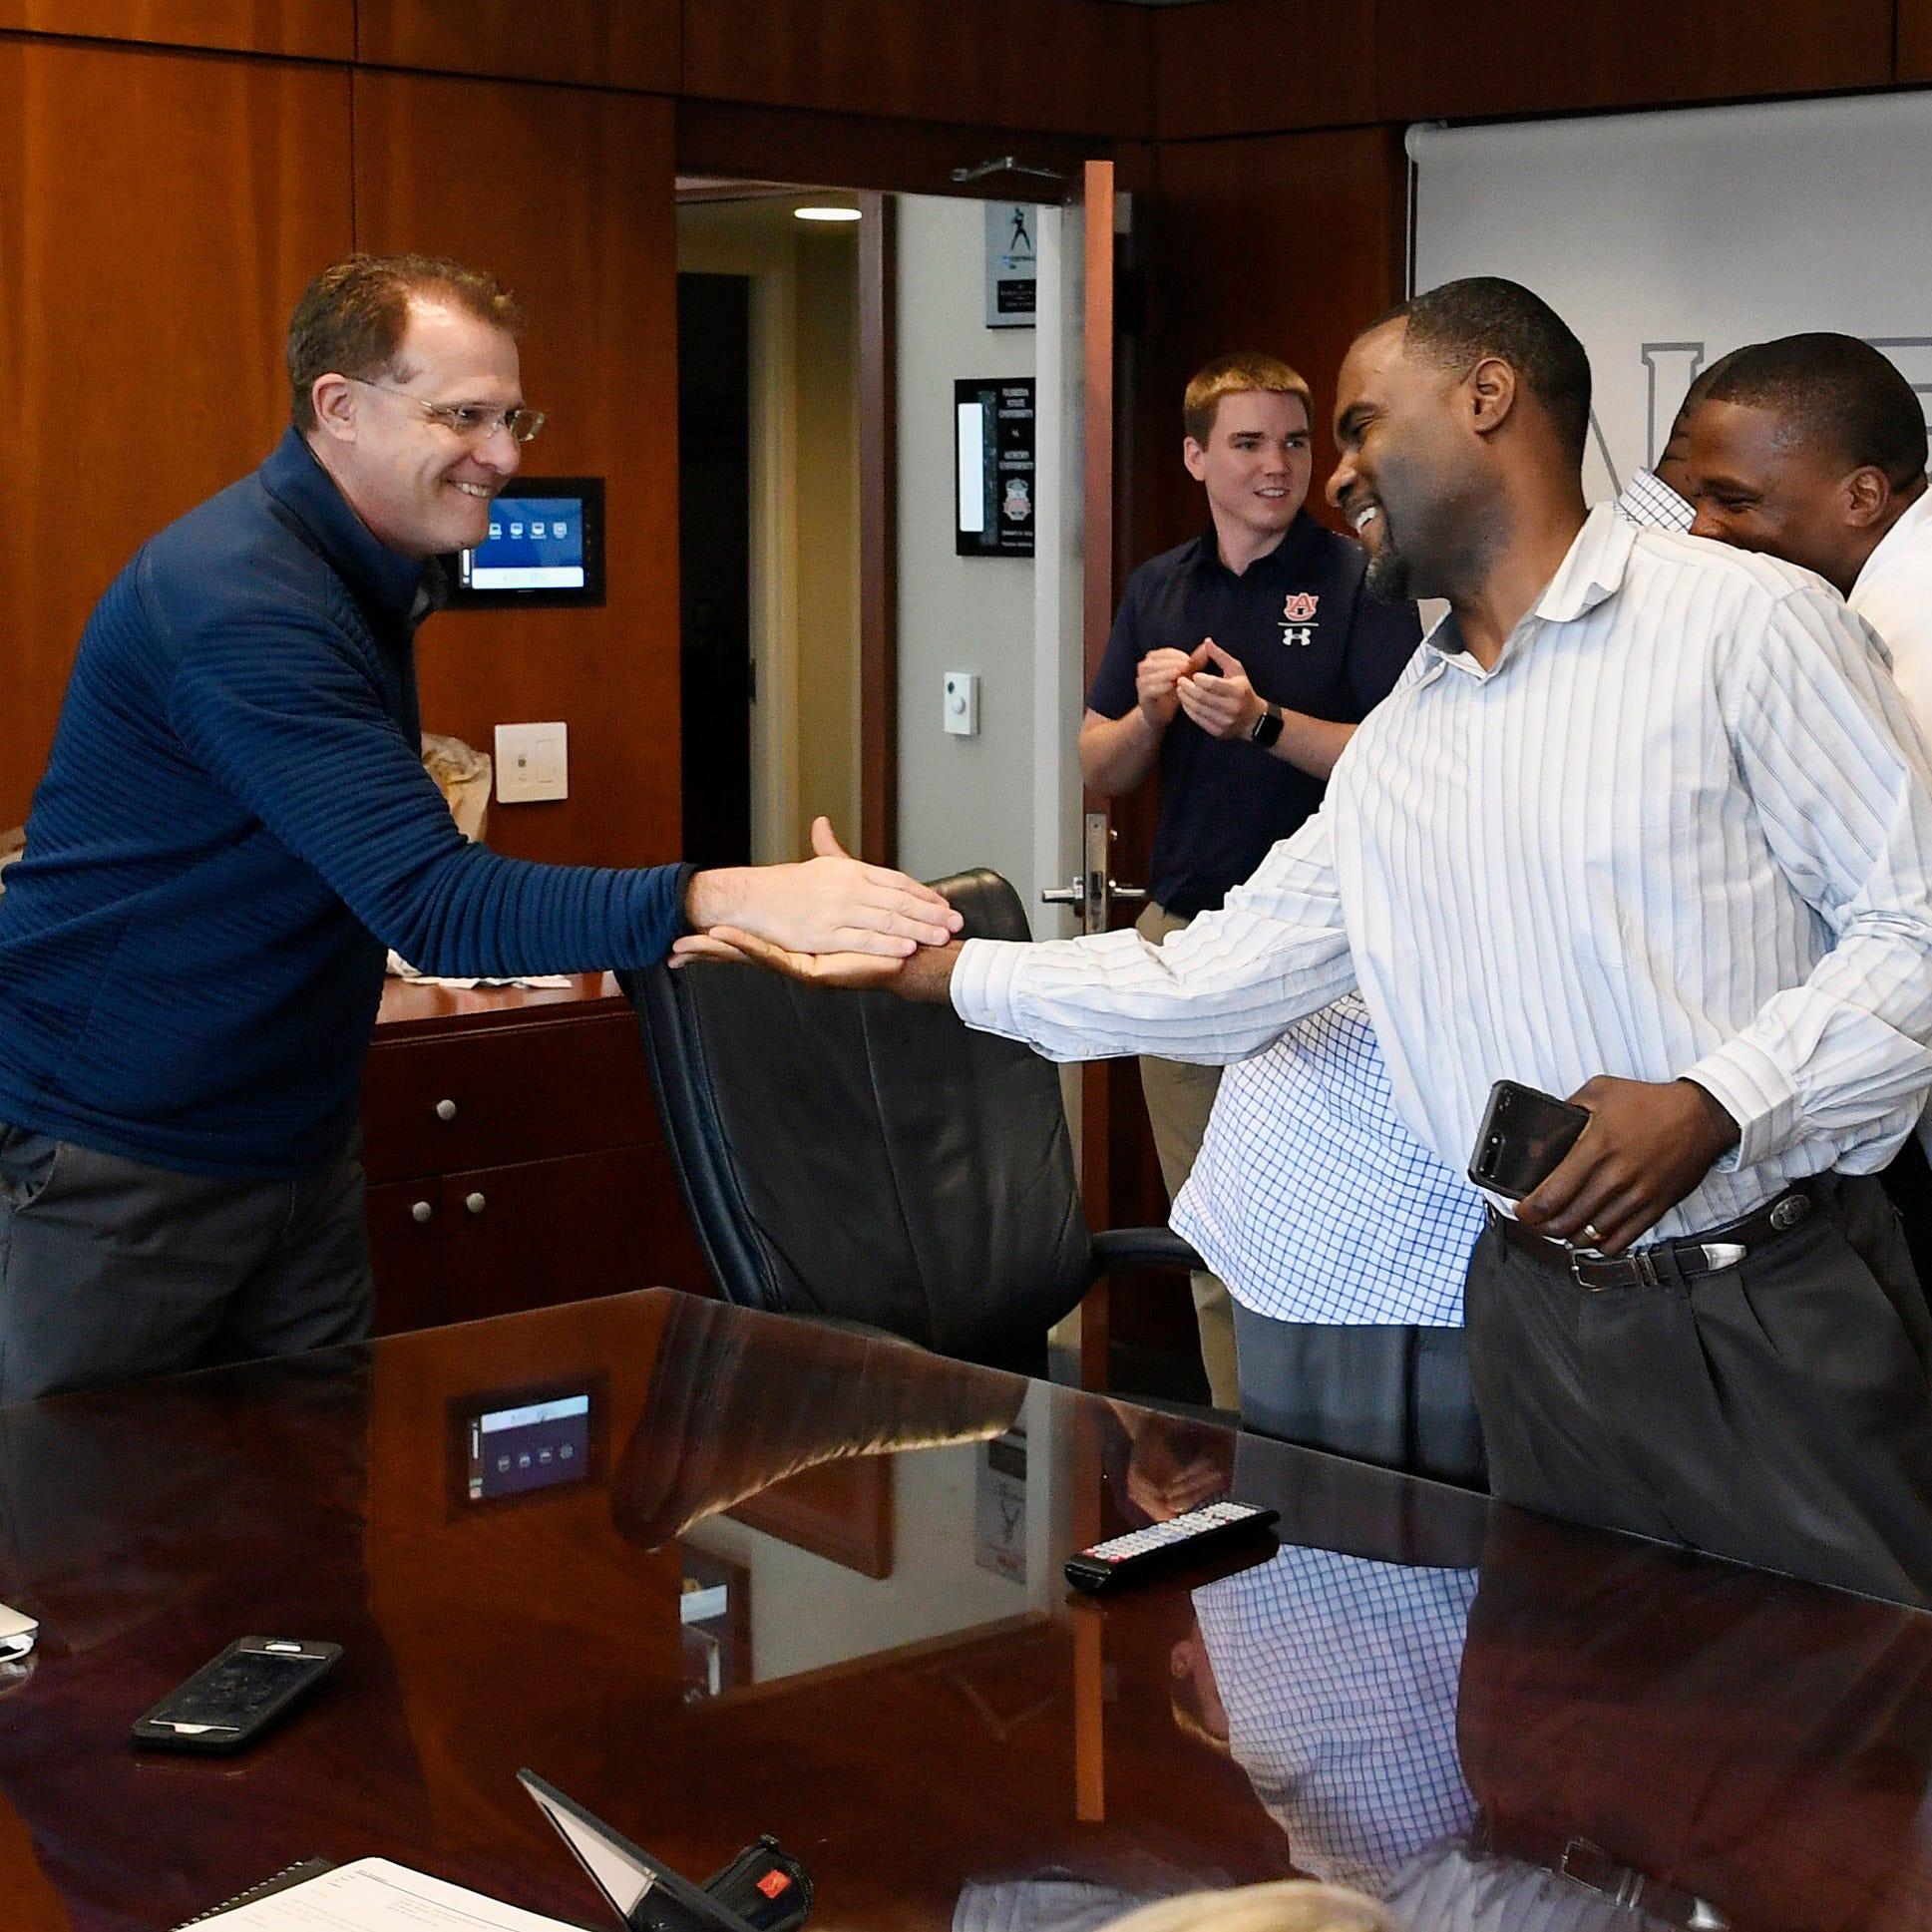 Marcus Woodson keys Auburn's westward recruiting push into Mississippi